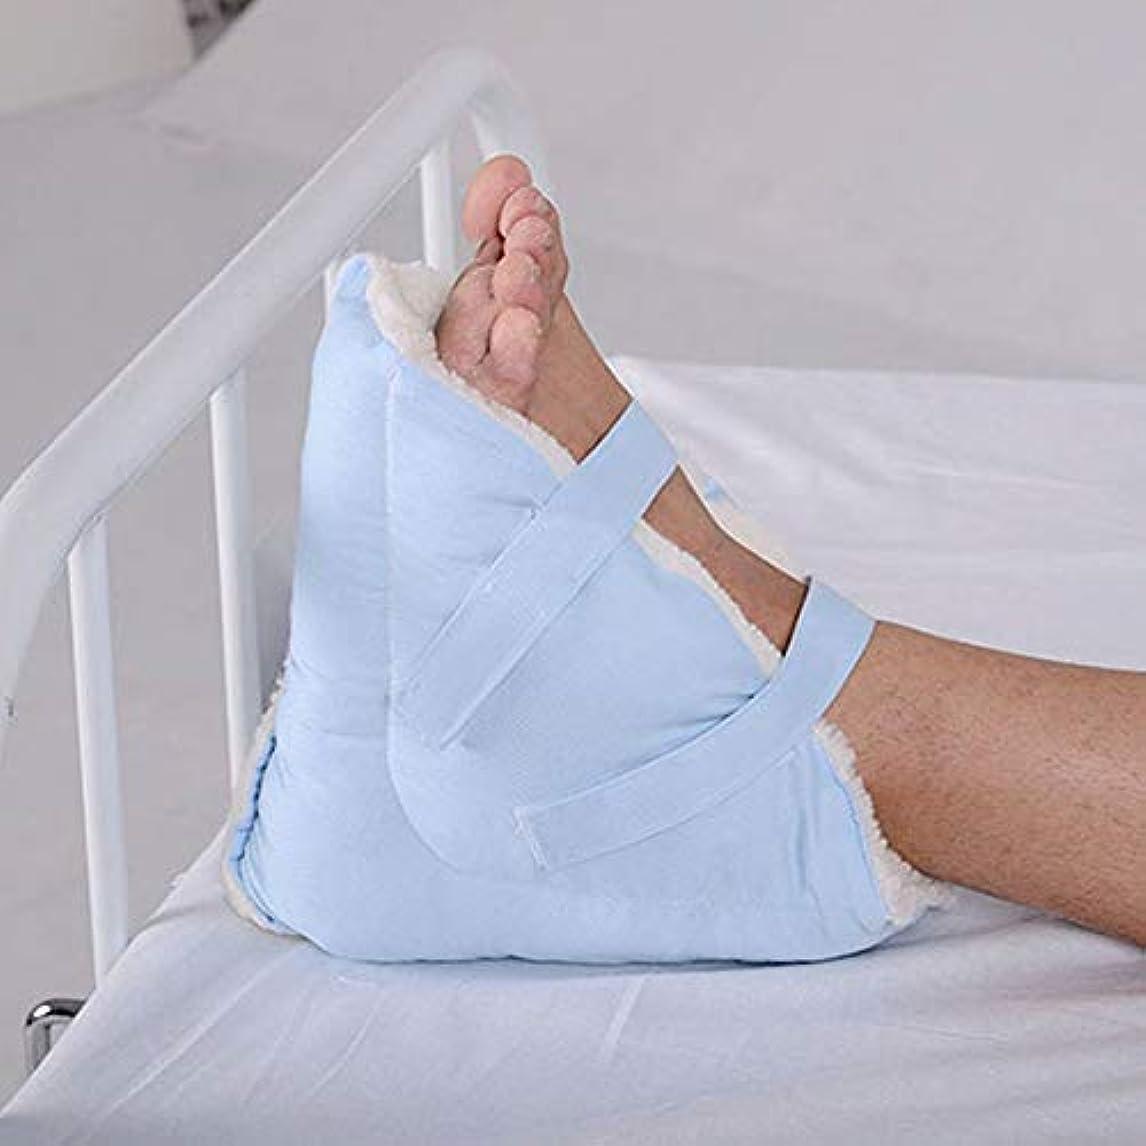 病弱下に土曜日医療用ヒールクッションプロテクター - 足と足首の枕ガード1組   - 合成 ラムスウールフリースパッド入り - 圧力開放